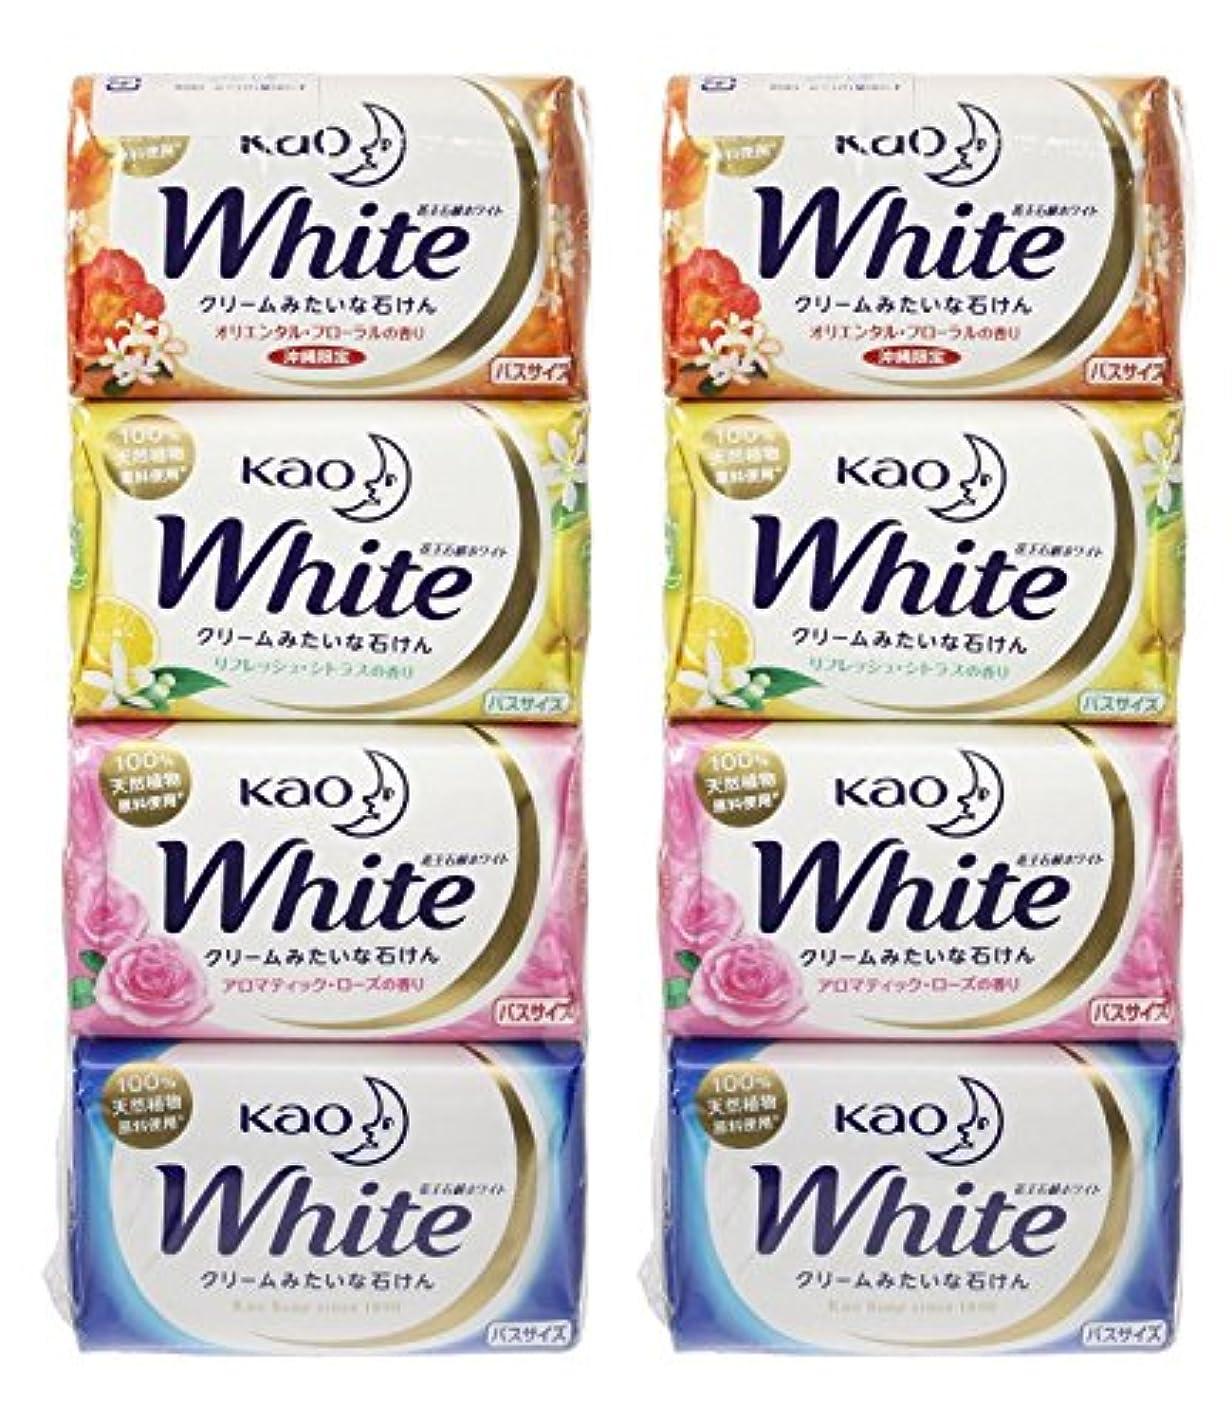 フロー是正する物足りない花王ホワイト 香りアソートパック バス12個×2